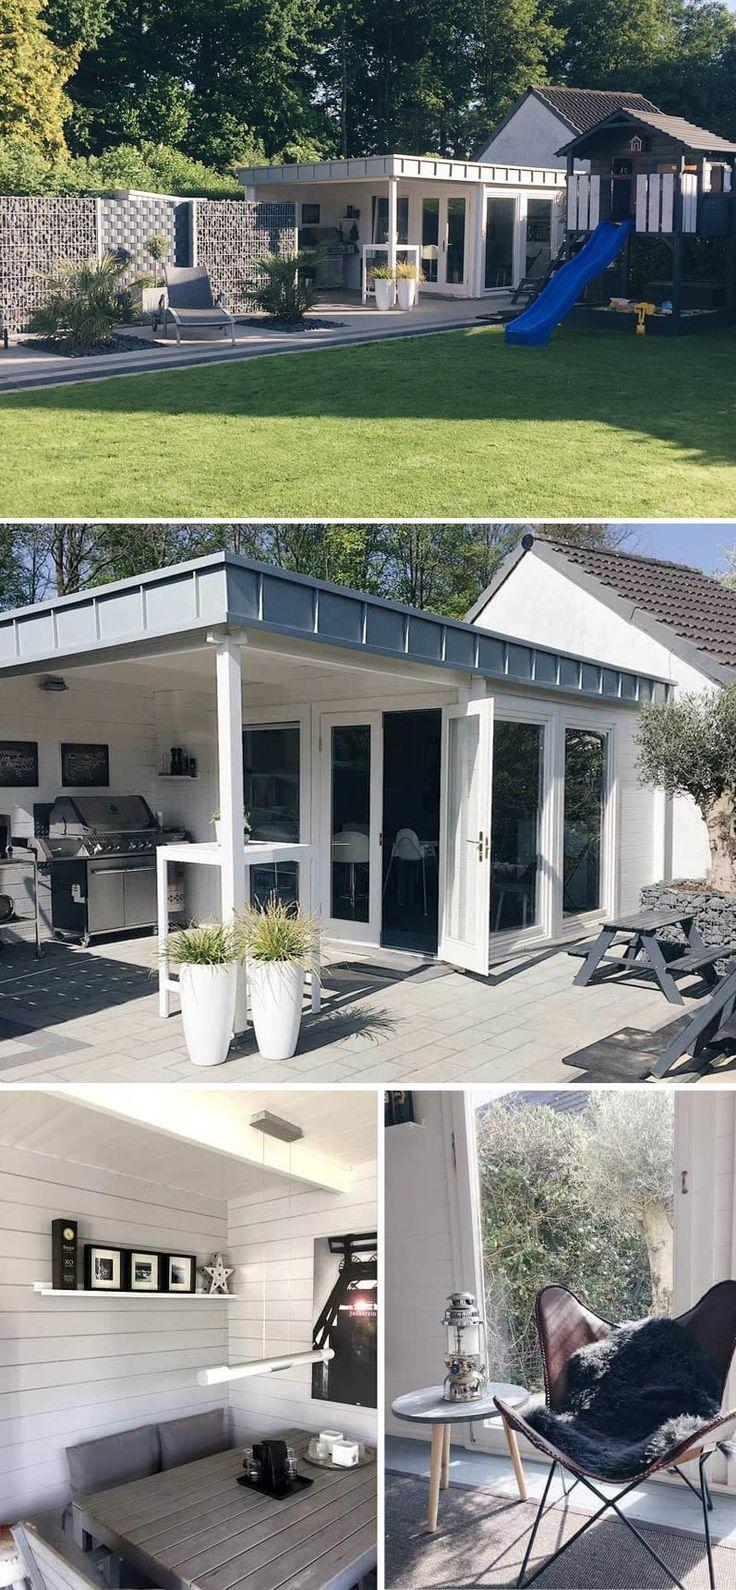 Unser Kunde Familie K. entschied sich für das Design Gartenhaus Avantgarde-44 ISO. Das moderne Gartenhaus ist farblich perfekt durchgestylt und glänzt mit einer individuellen Dachgestaltung, wie es sie nur selten gibt. Erfahren Sie mehr über den Aufbau, die Einrichtung und die interessanten Details des weißen Gartenhauses mit Flachdach.